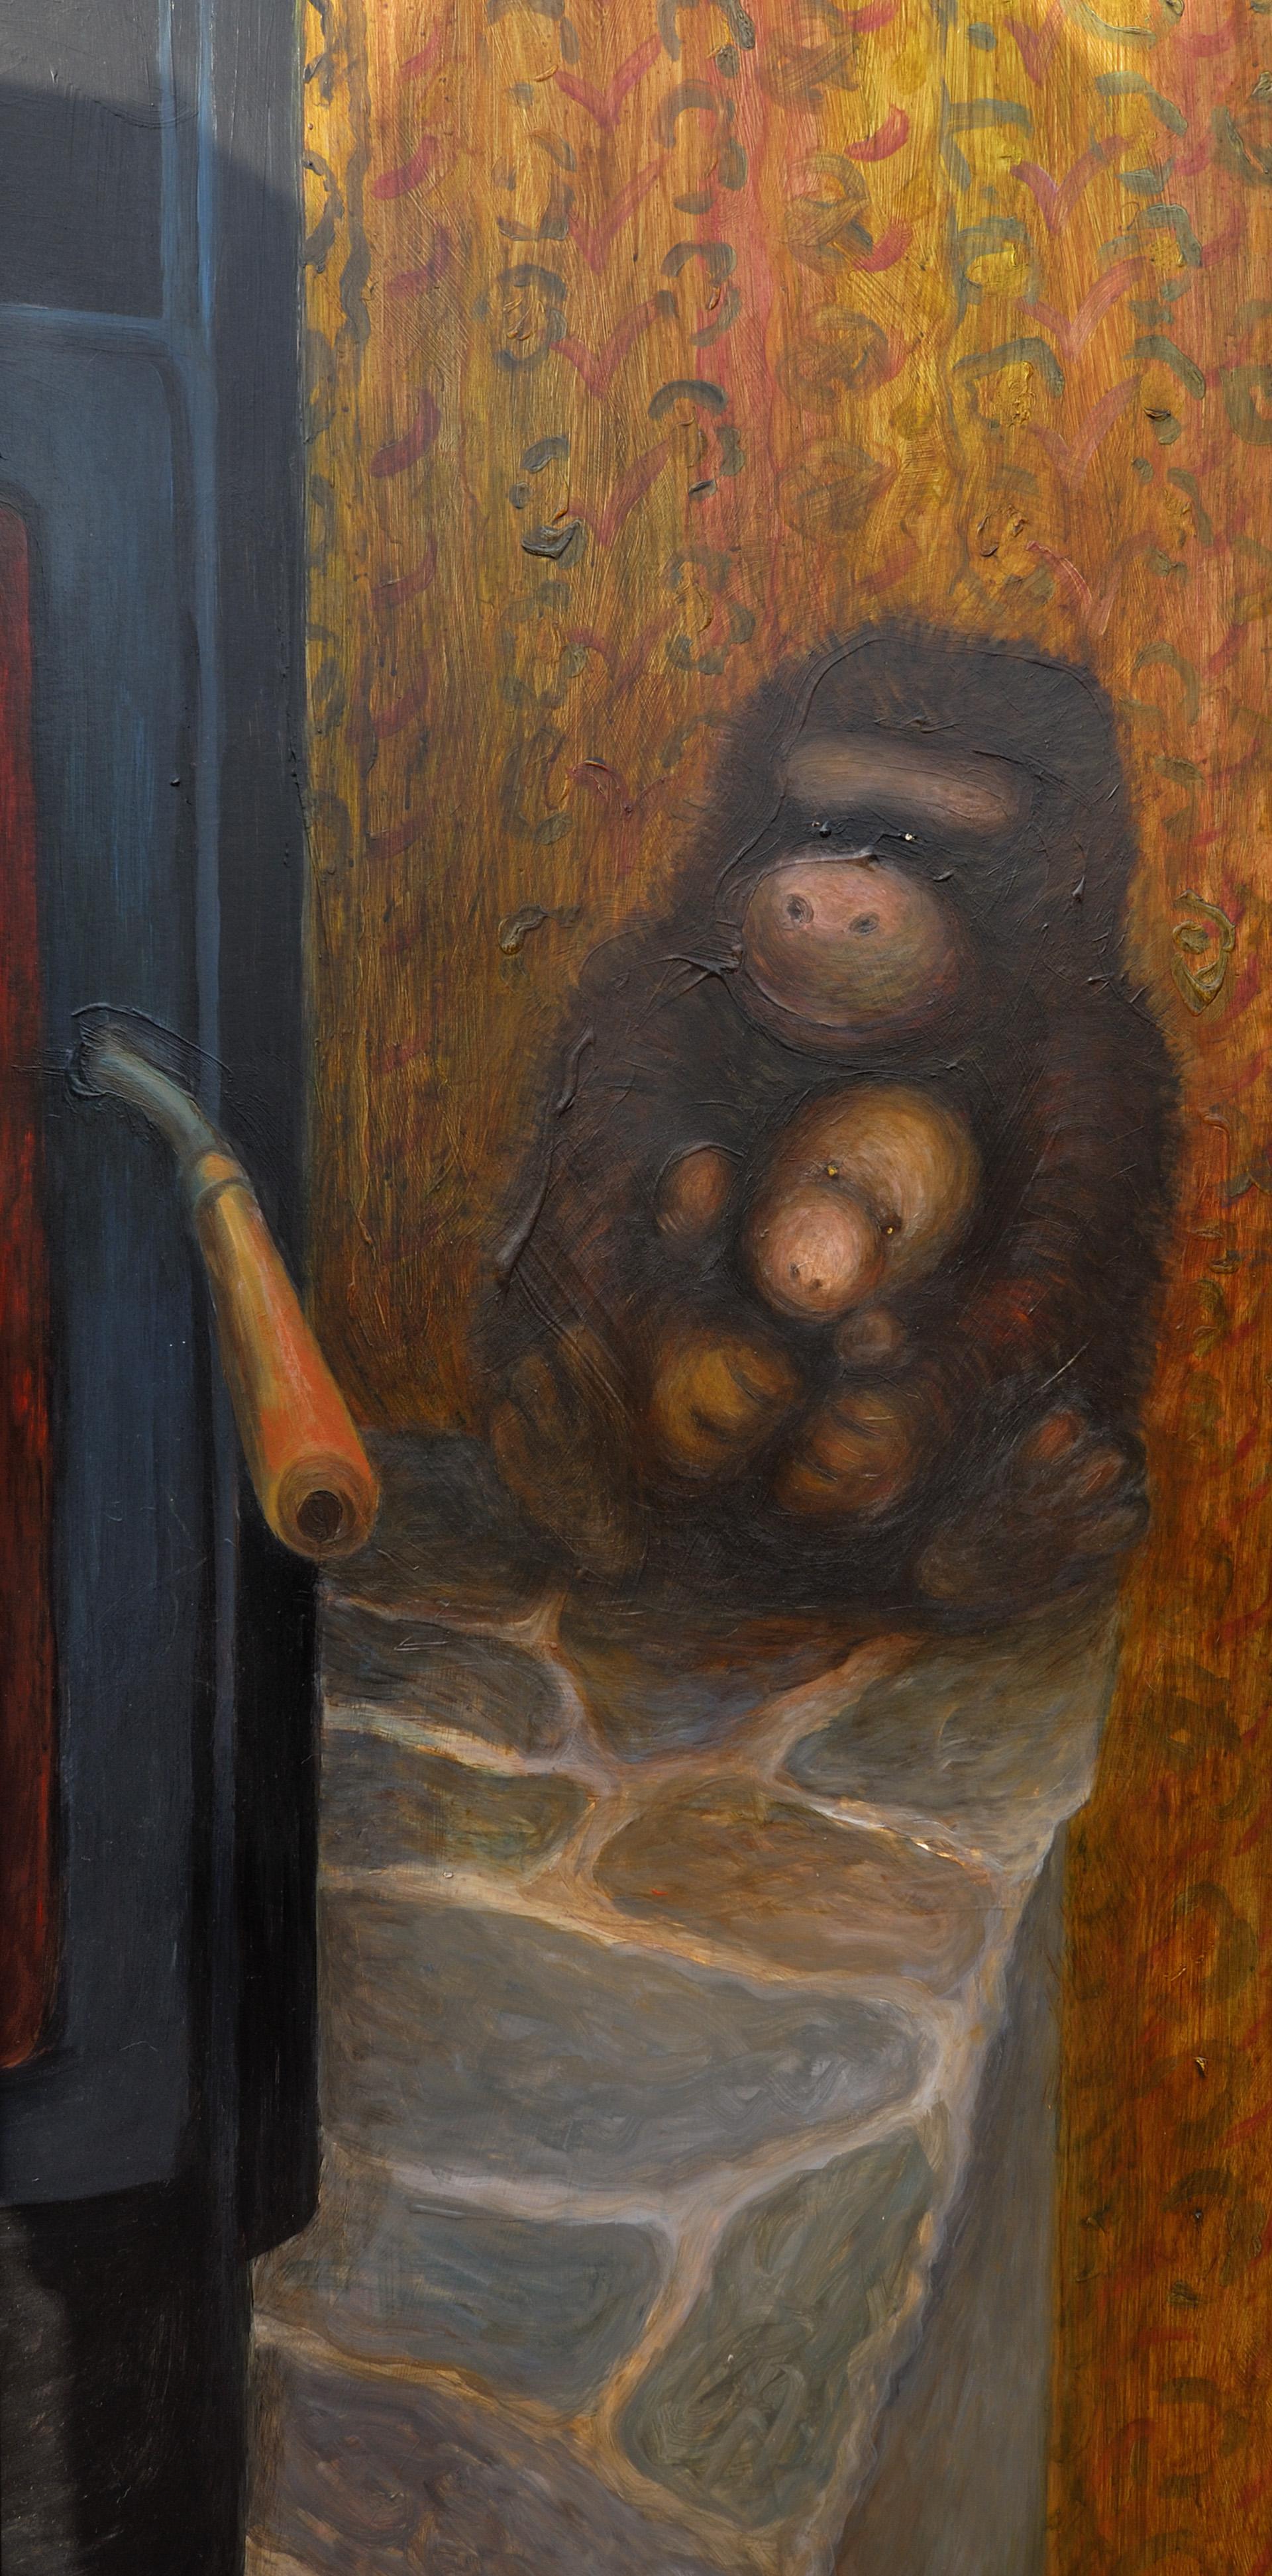 oheň_detil opice